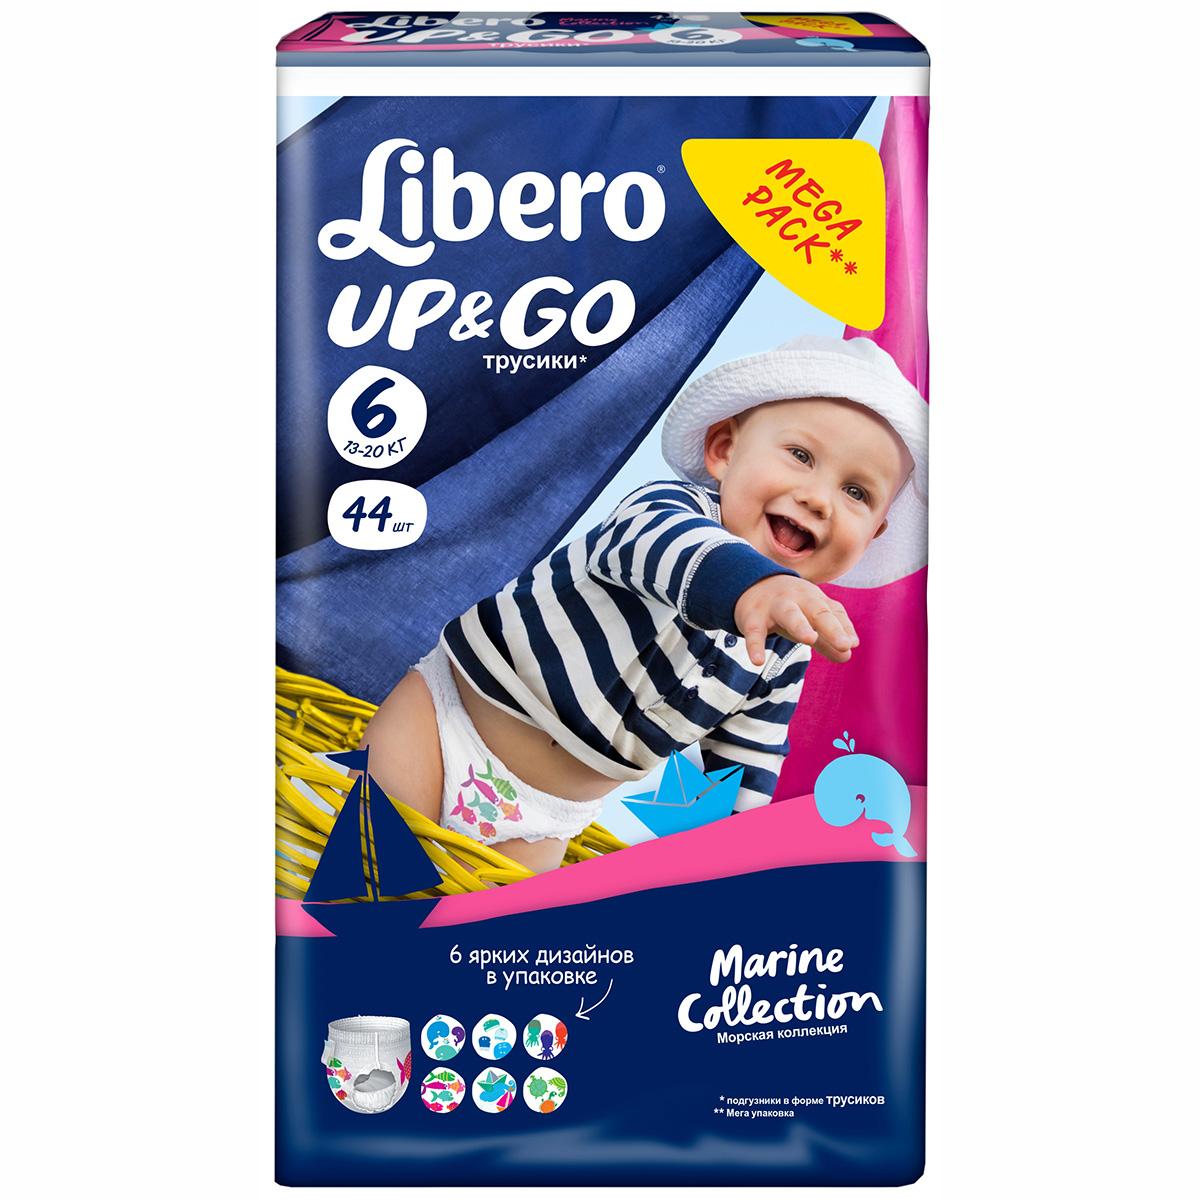 ������� Libero Up & Go Extra Large 13-20 �� (44 ��) ������ 6